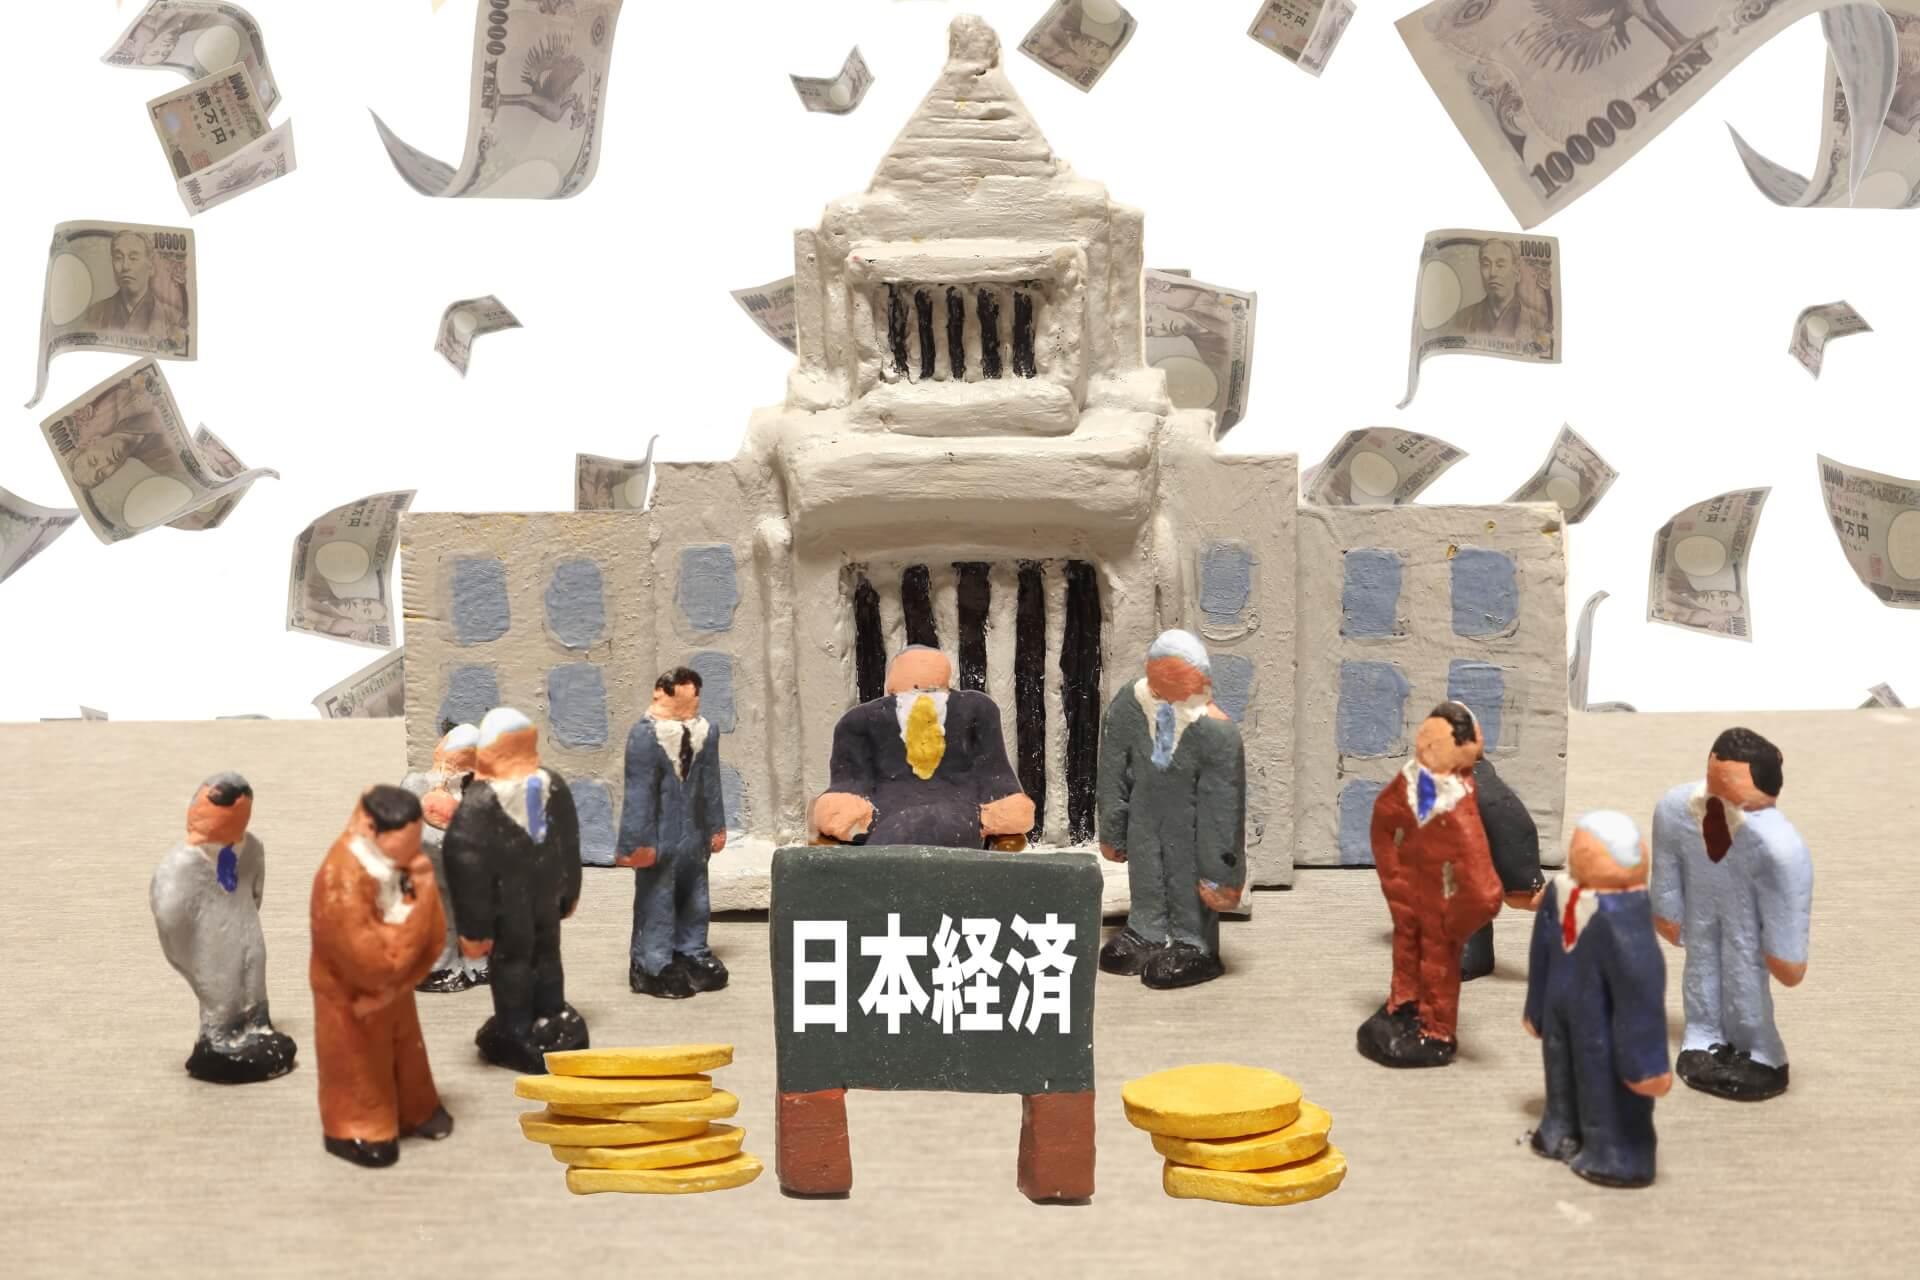 2020年度税収、過去最高60兆円強「景気落ちているのになぜ?」 ~7月1日「おはよう寺ちゃん」